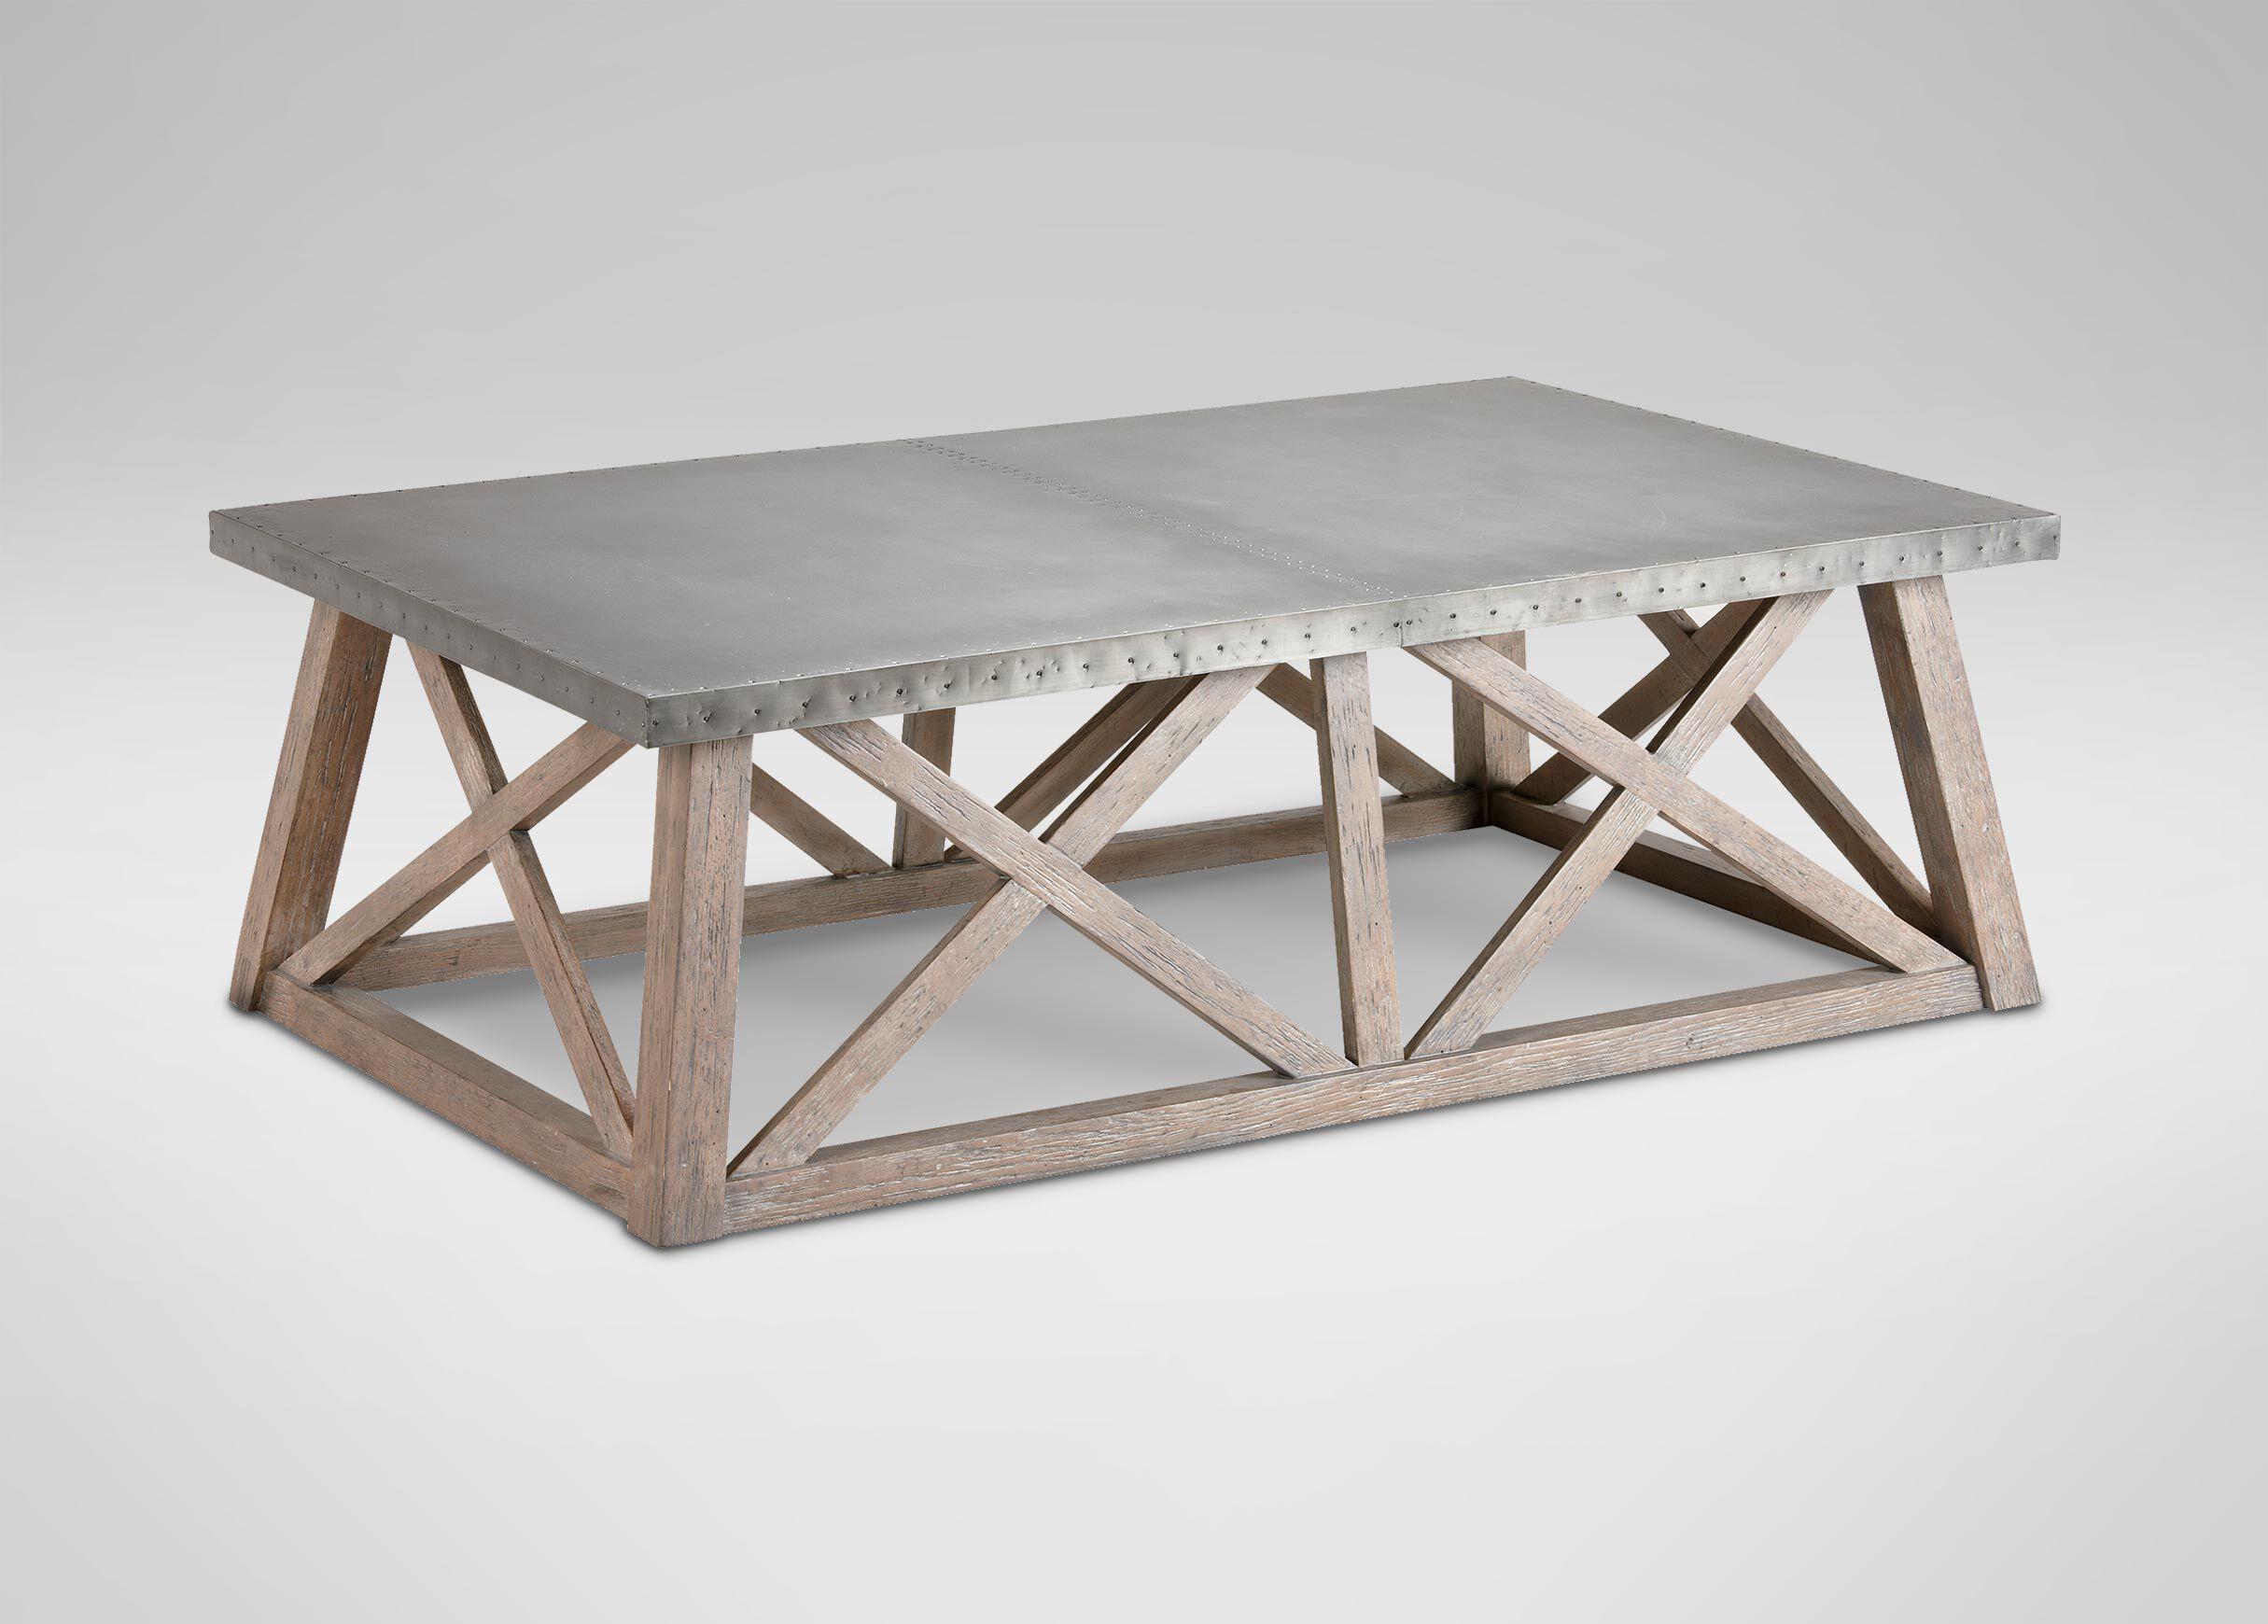 Charming Bruckner Metal Top Coffee Table , , Alt